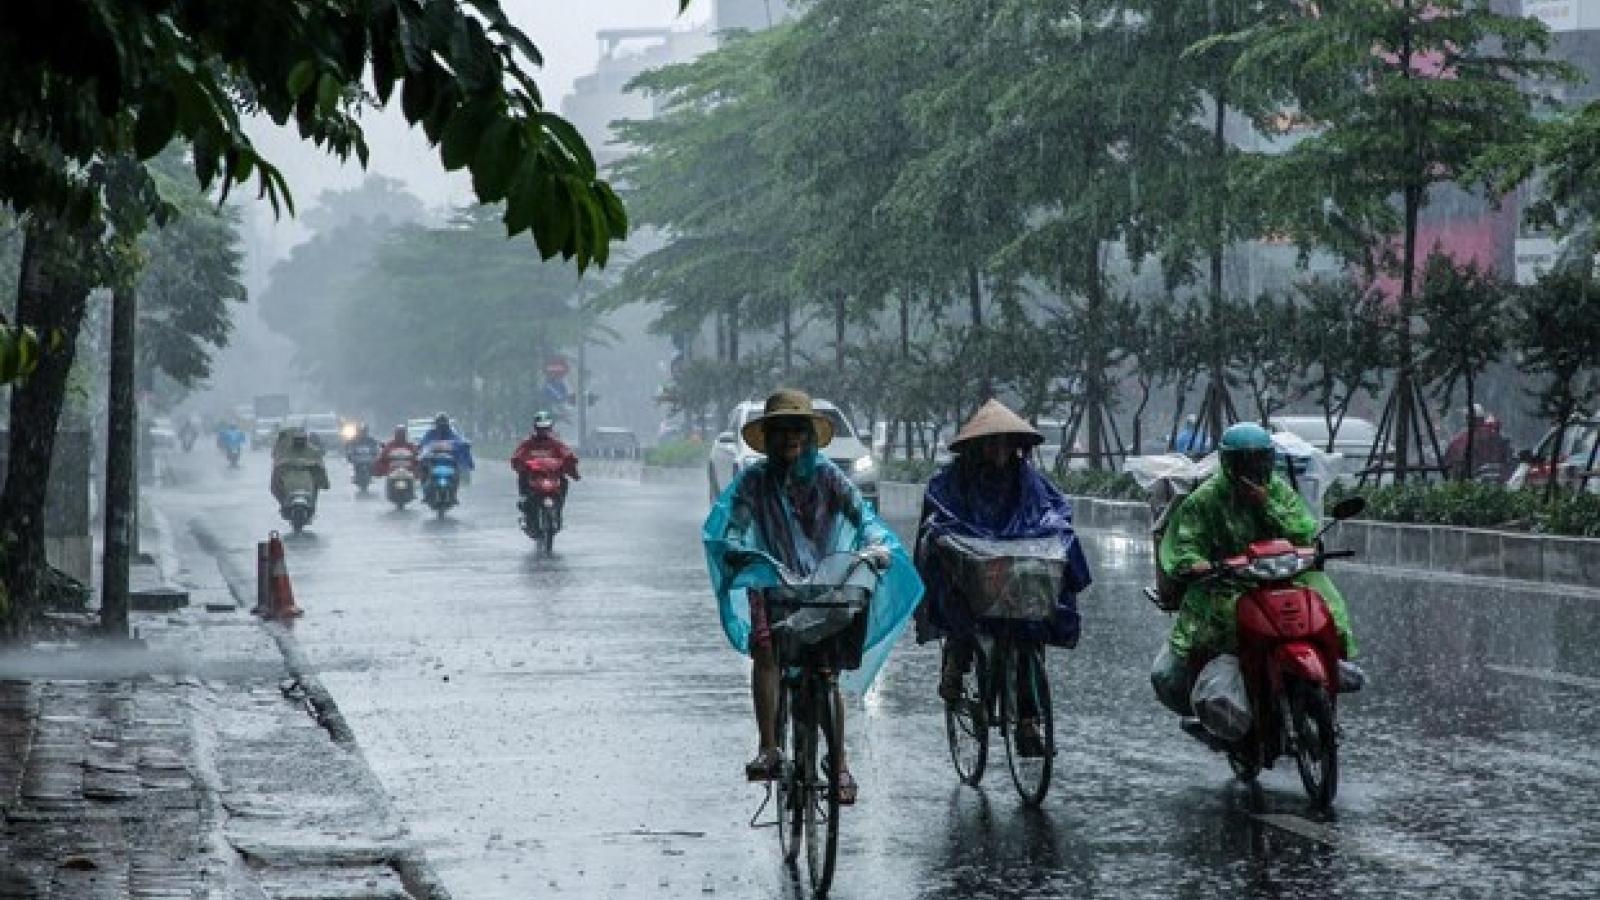 Dự báo thời tiết: Không khí lạnh gây mưa khu vực Bắc bộ, Bắc Trung bộ